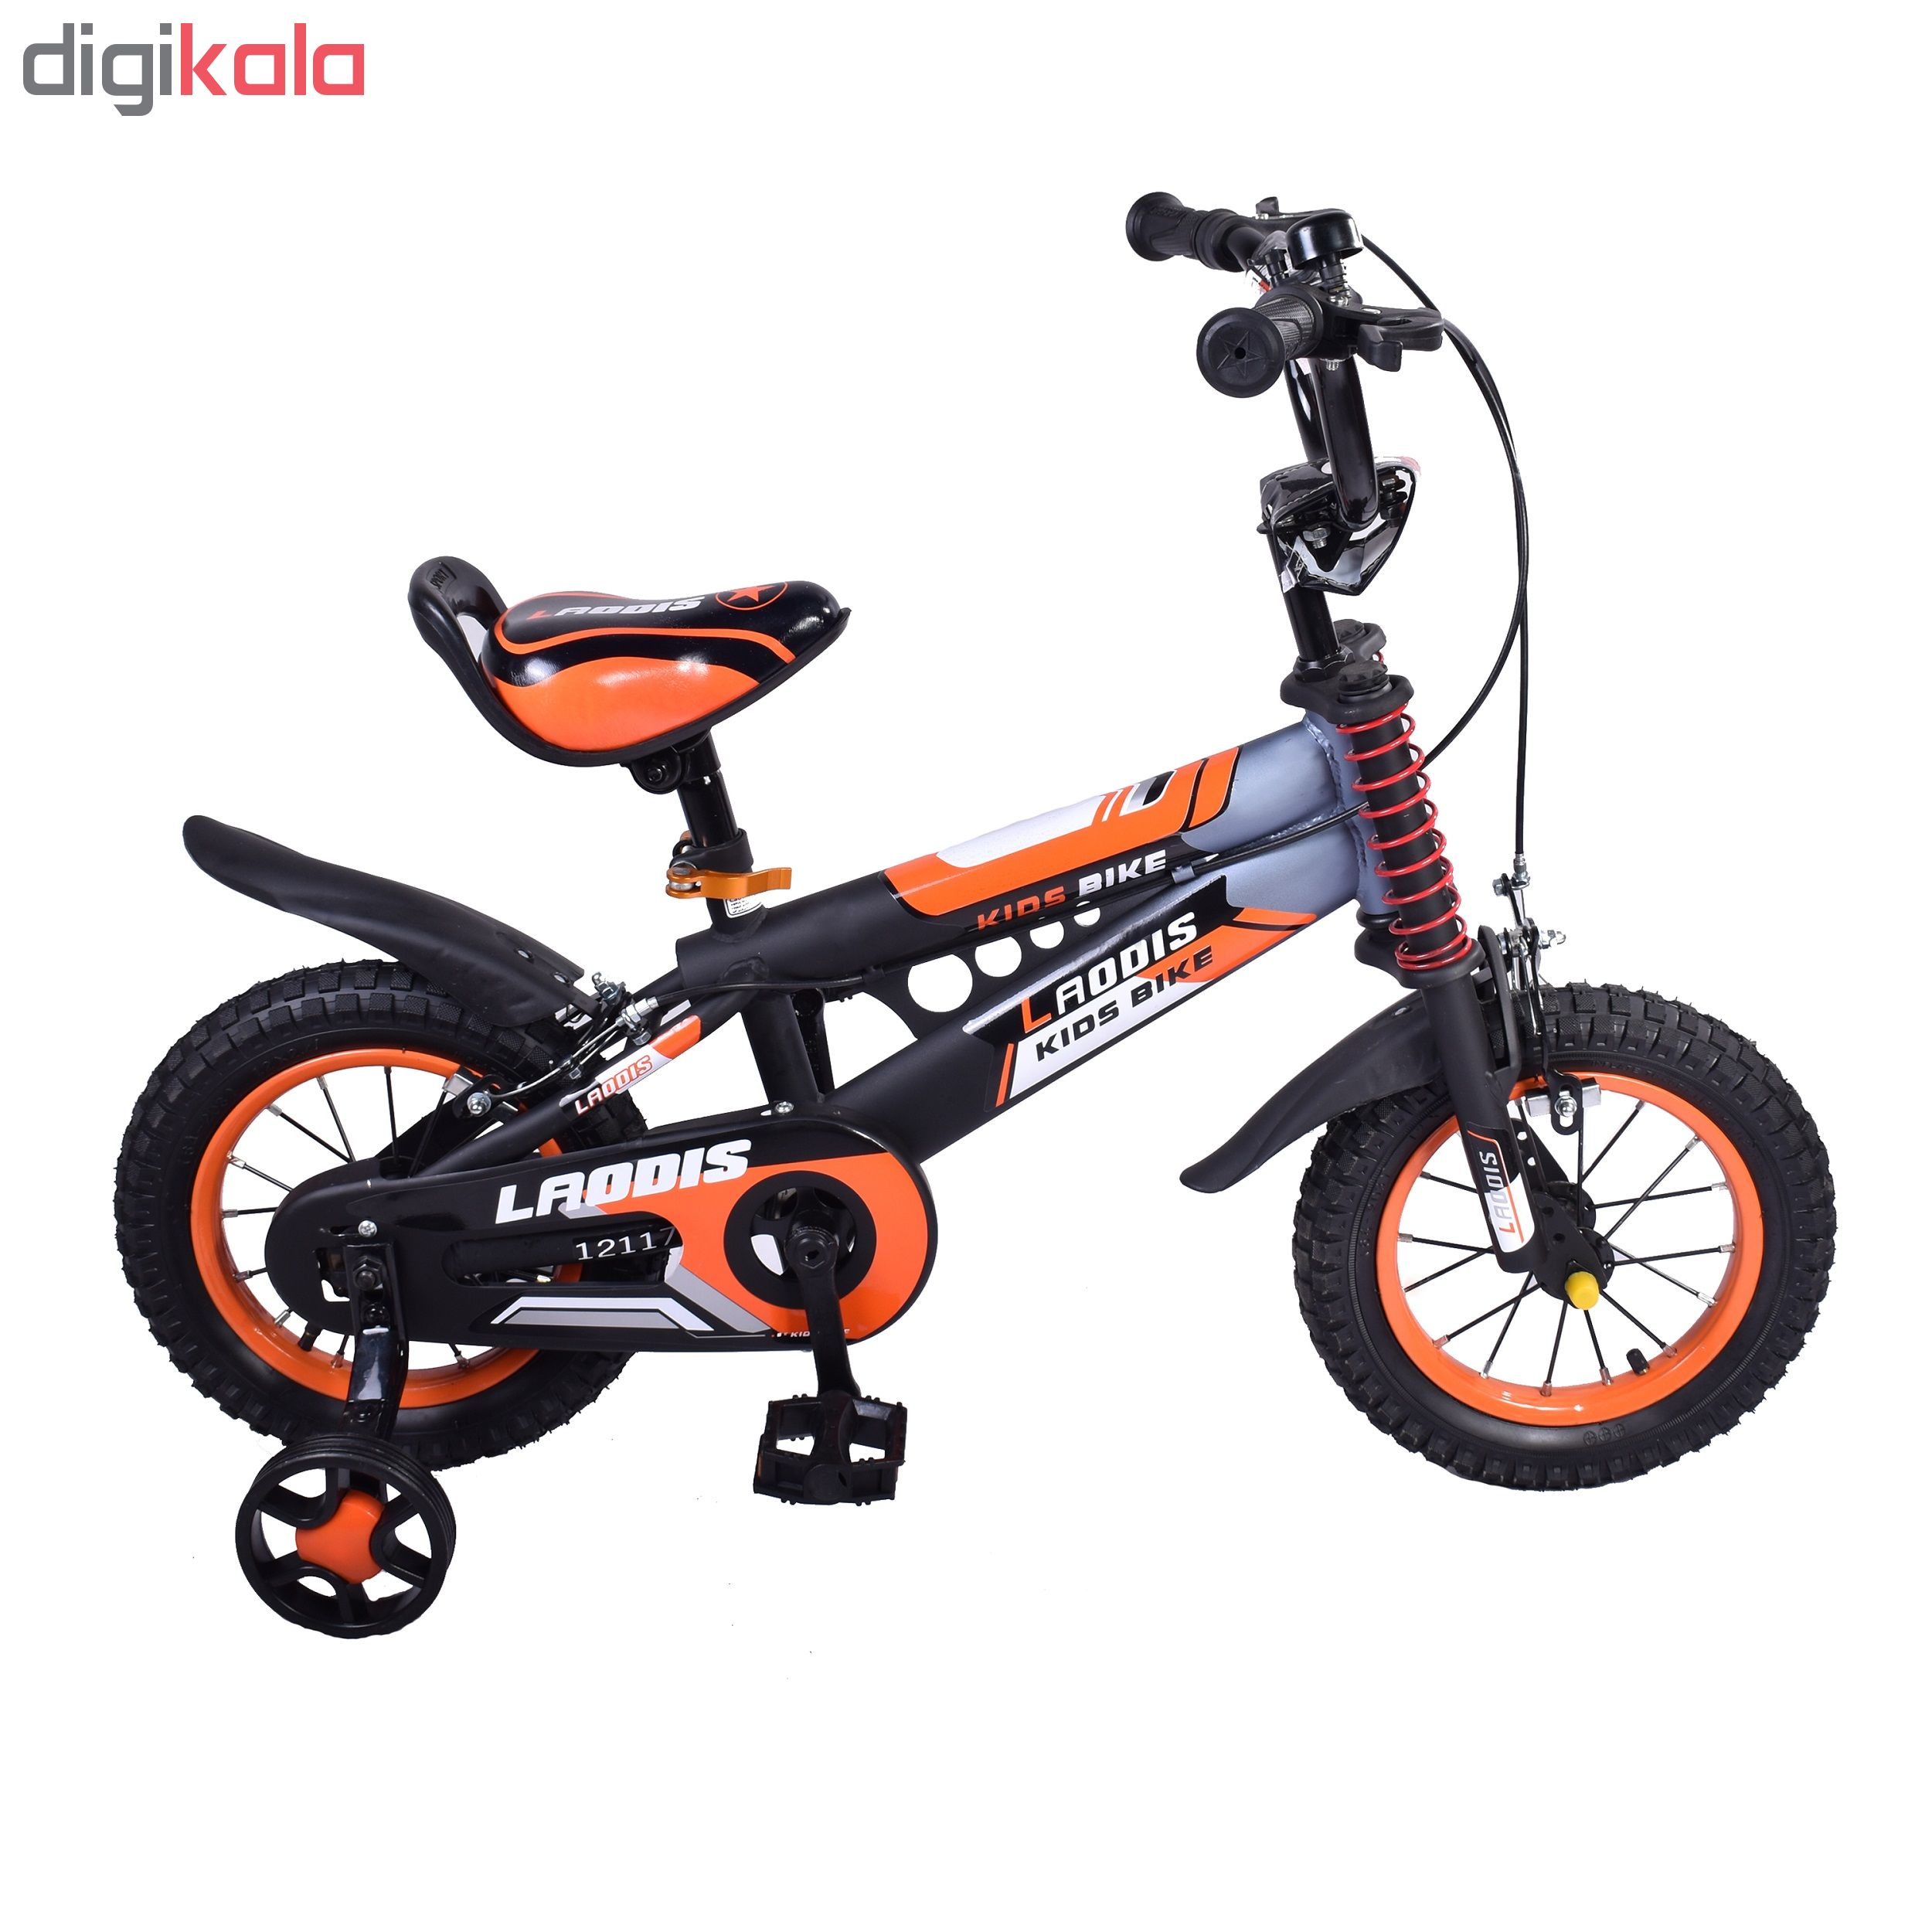 دوچرخه شهری لائودیس کد 12117-1 سایز 12